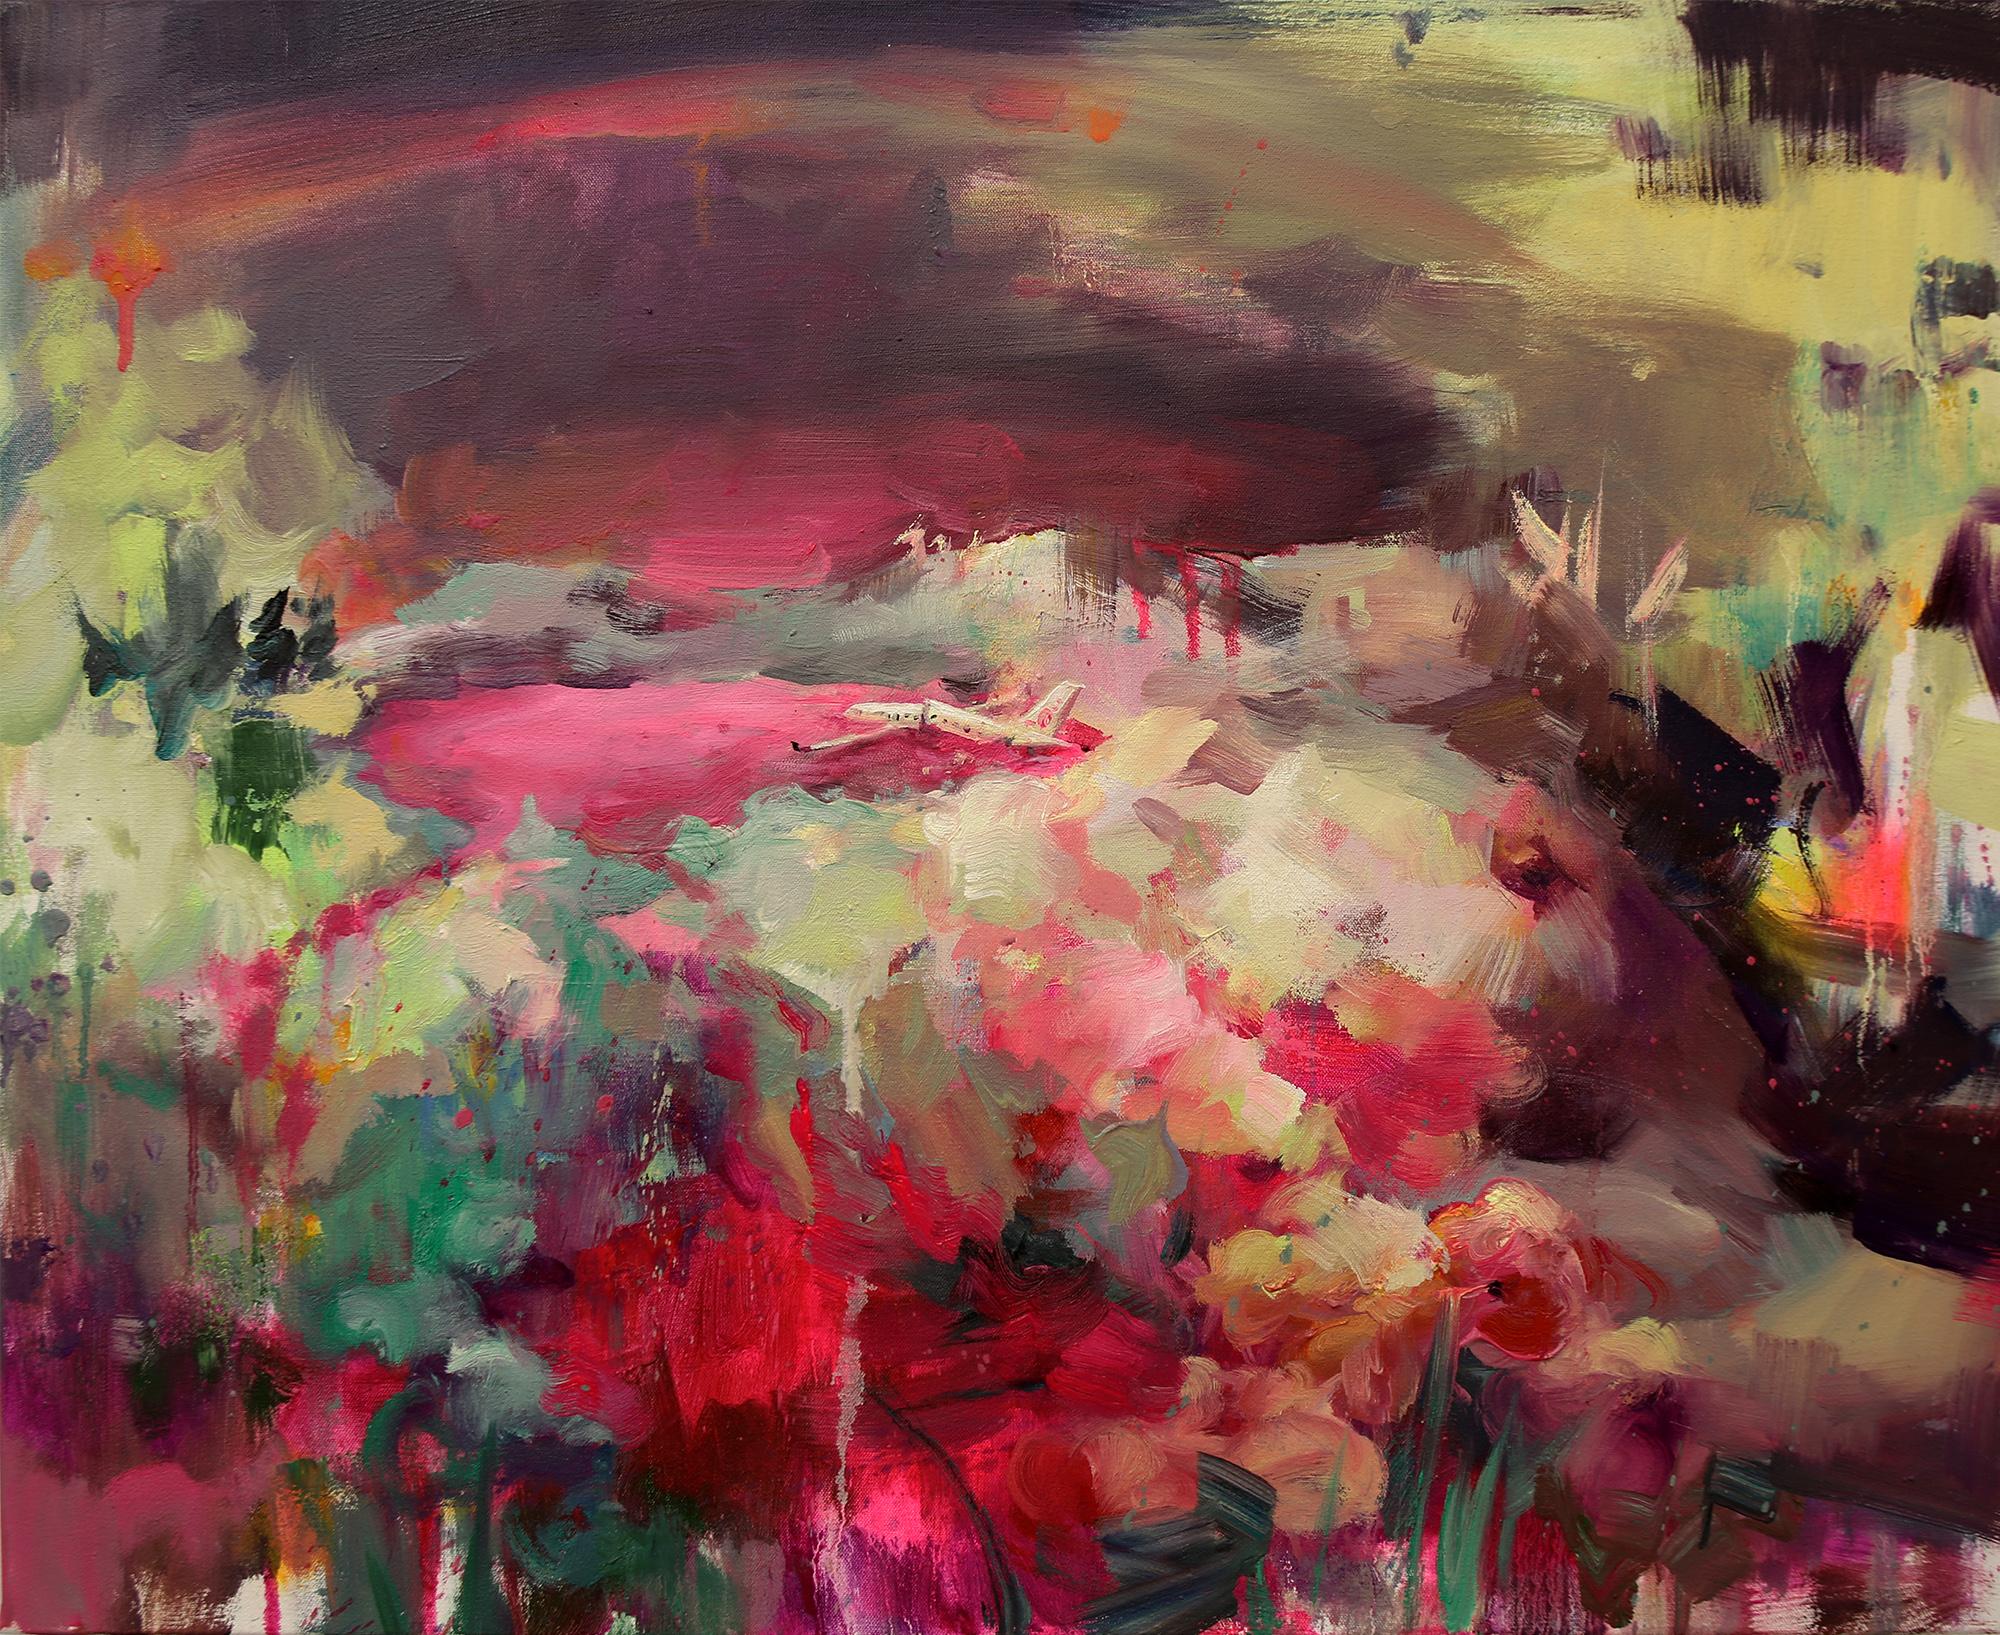 Apocalypse 2 90x72.5cm 2015 oil on canvas .jpg